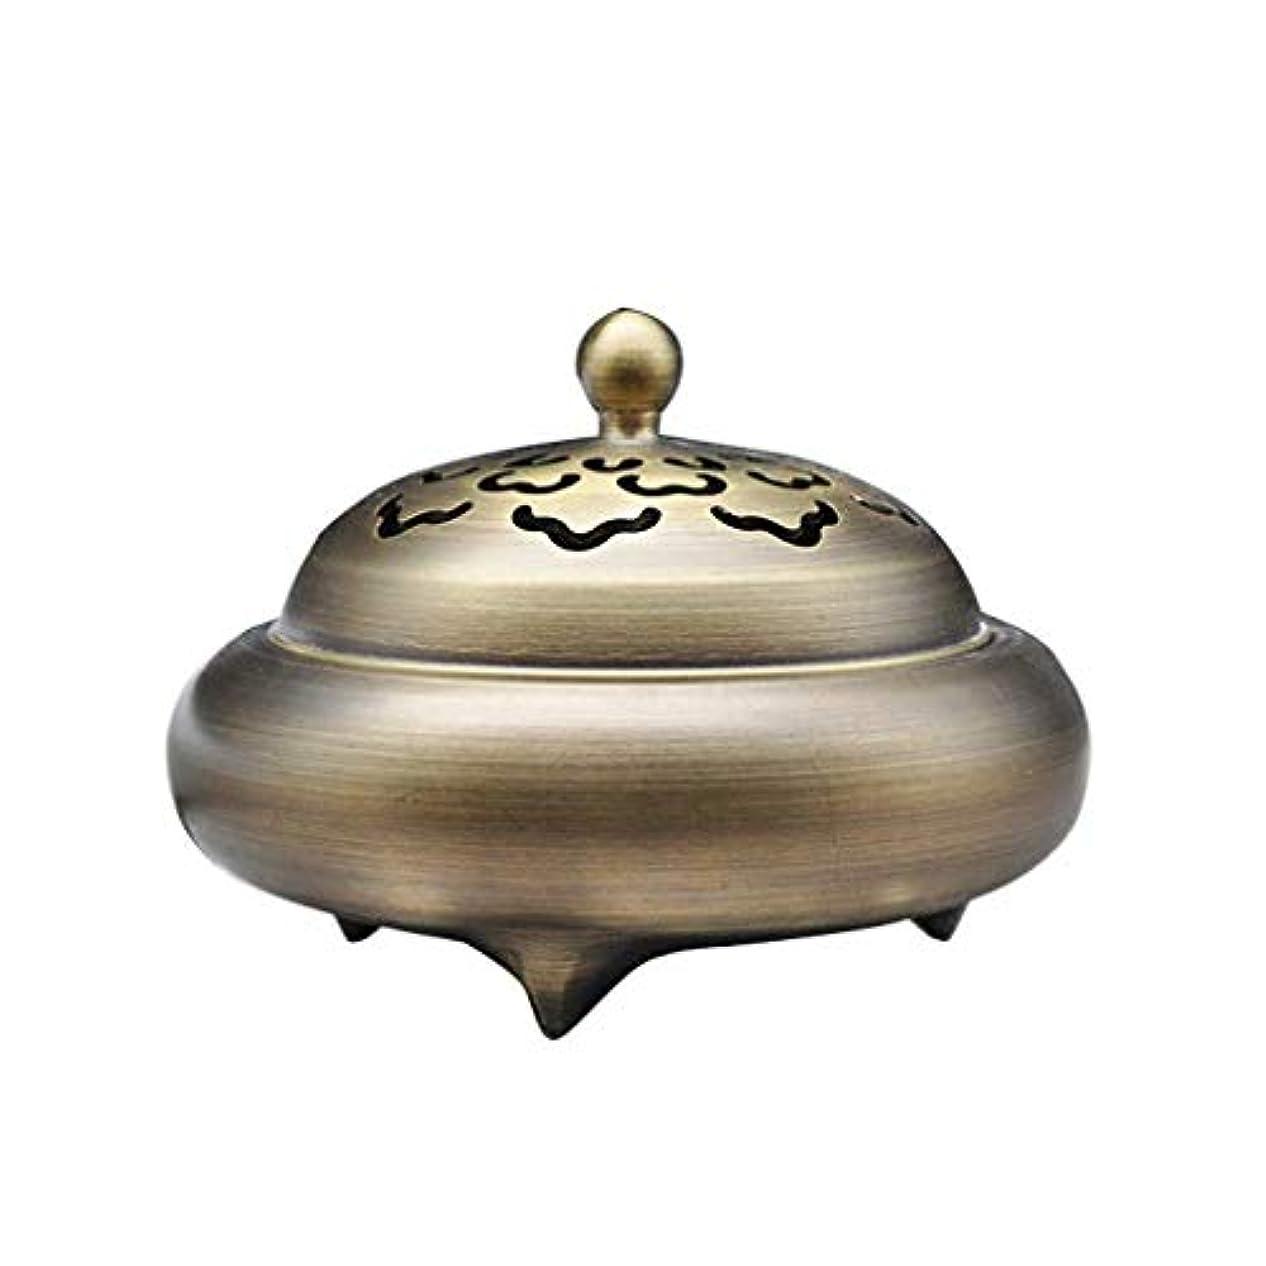 スイス人ラベル欺ホームアロマバーナー レトロバーナー純銅香バーナーホーム屋内白檀炉香バーナー香道路装飾 芳香器アロマバーナー (Color : Brass)